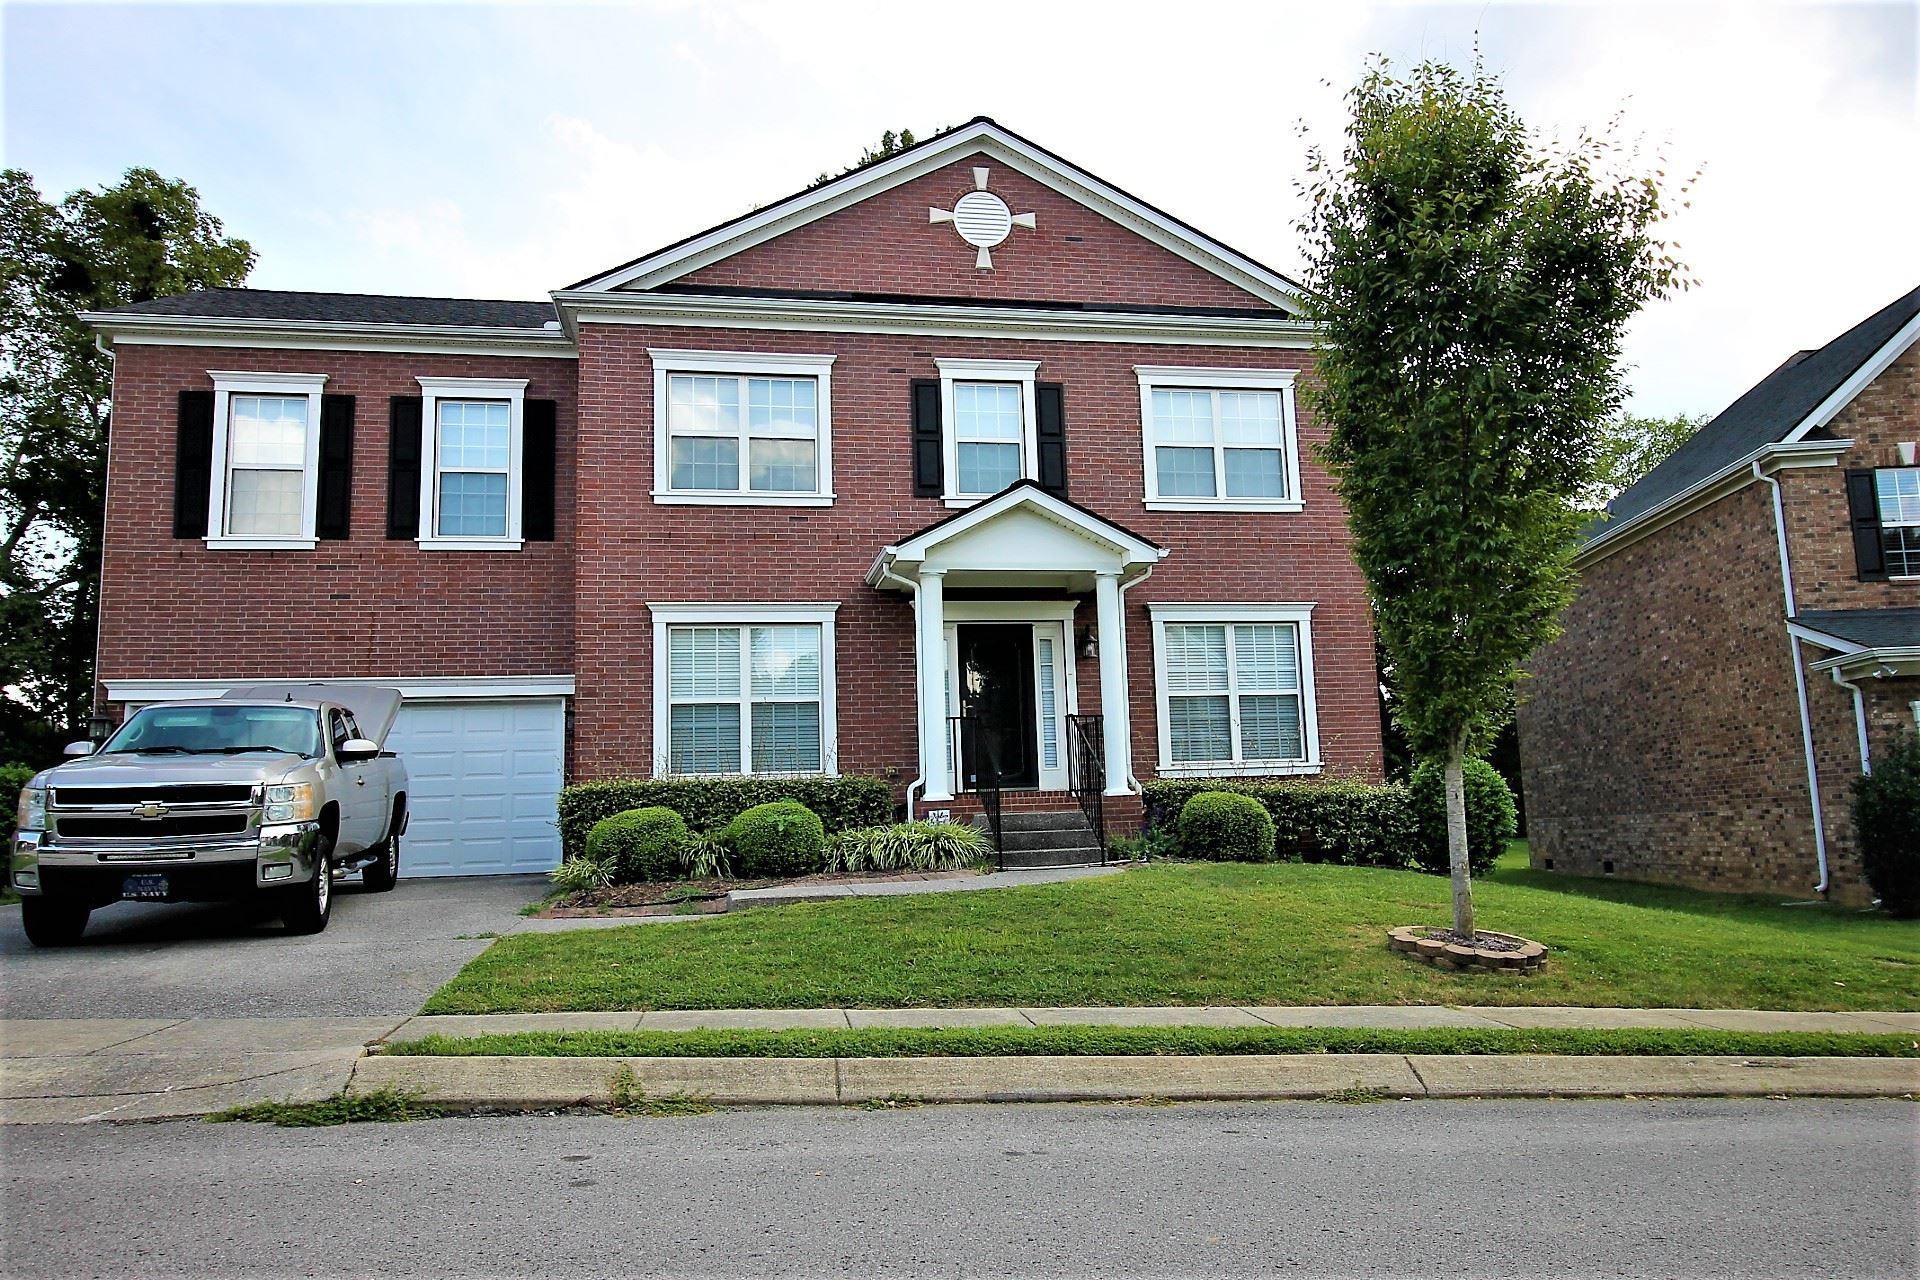 408 Laurel Hills Dr, Mount Juliet, TN 37122 - MLS#: 2182507